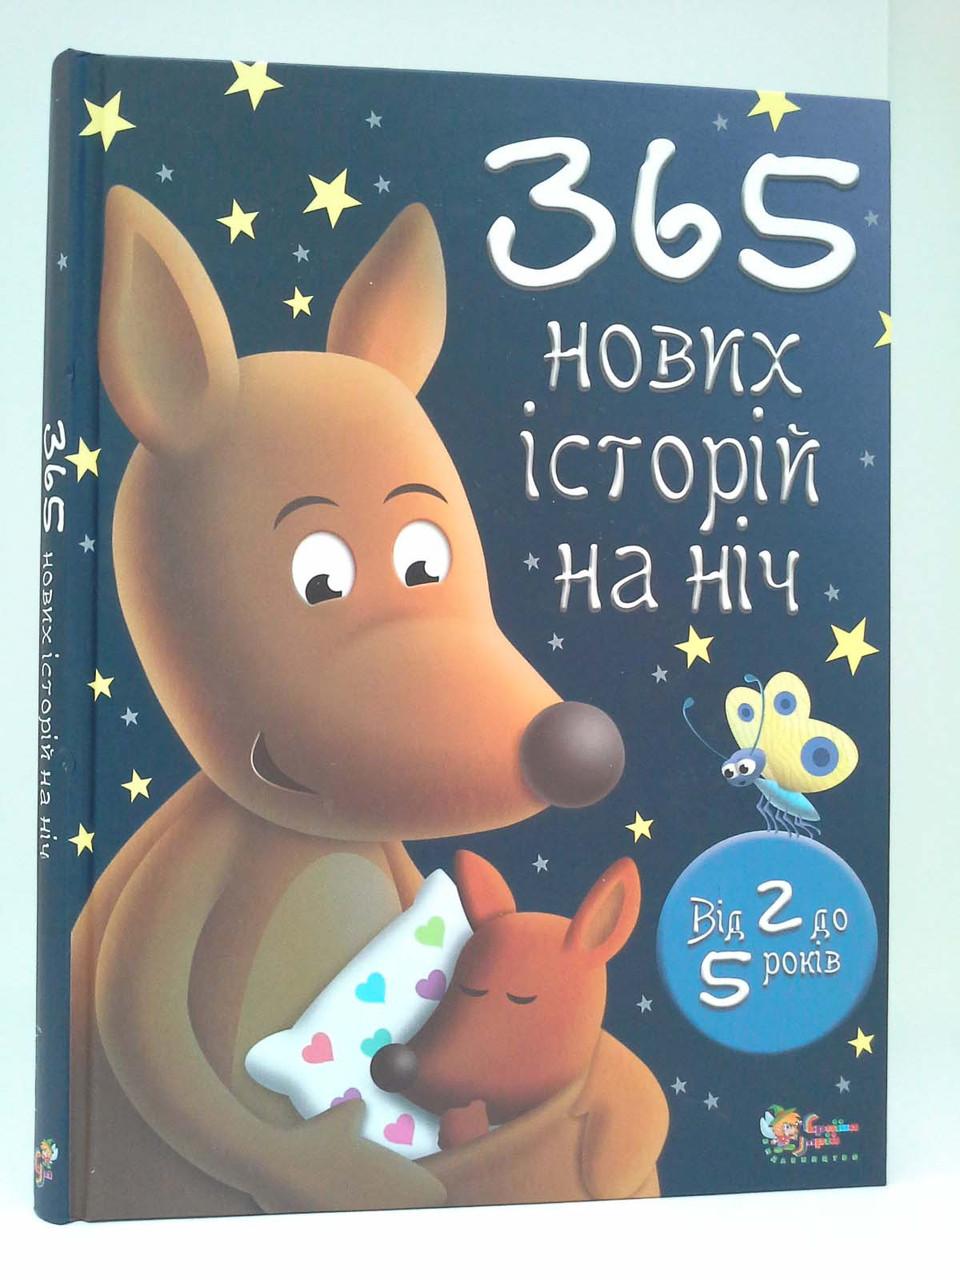 Країна мрій ЗК 365 нових історій на ніч Від 2 до 5 років